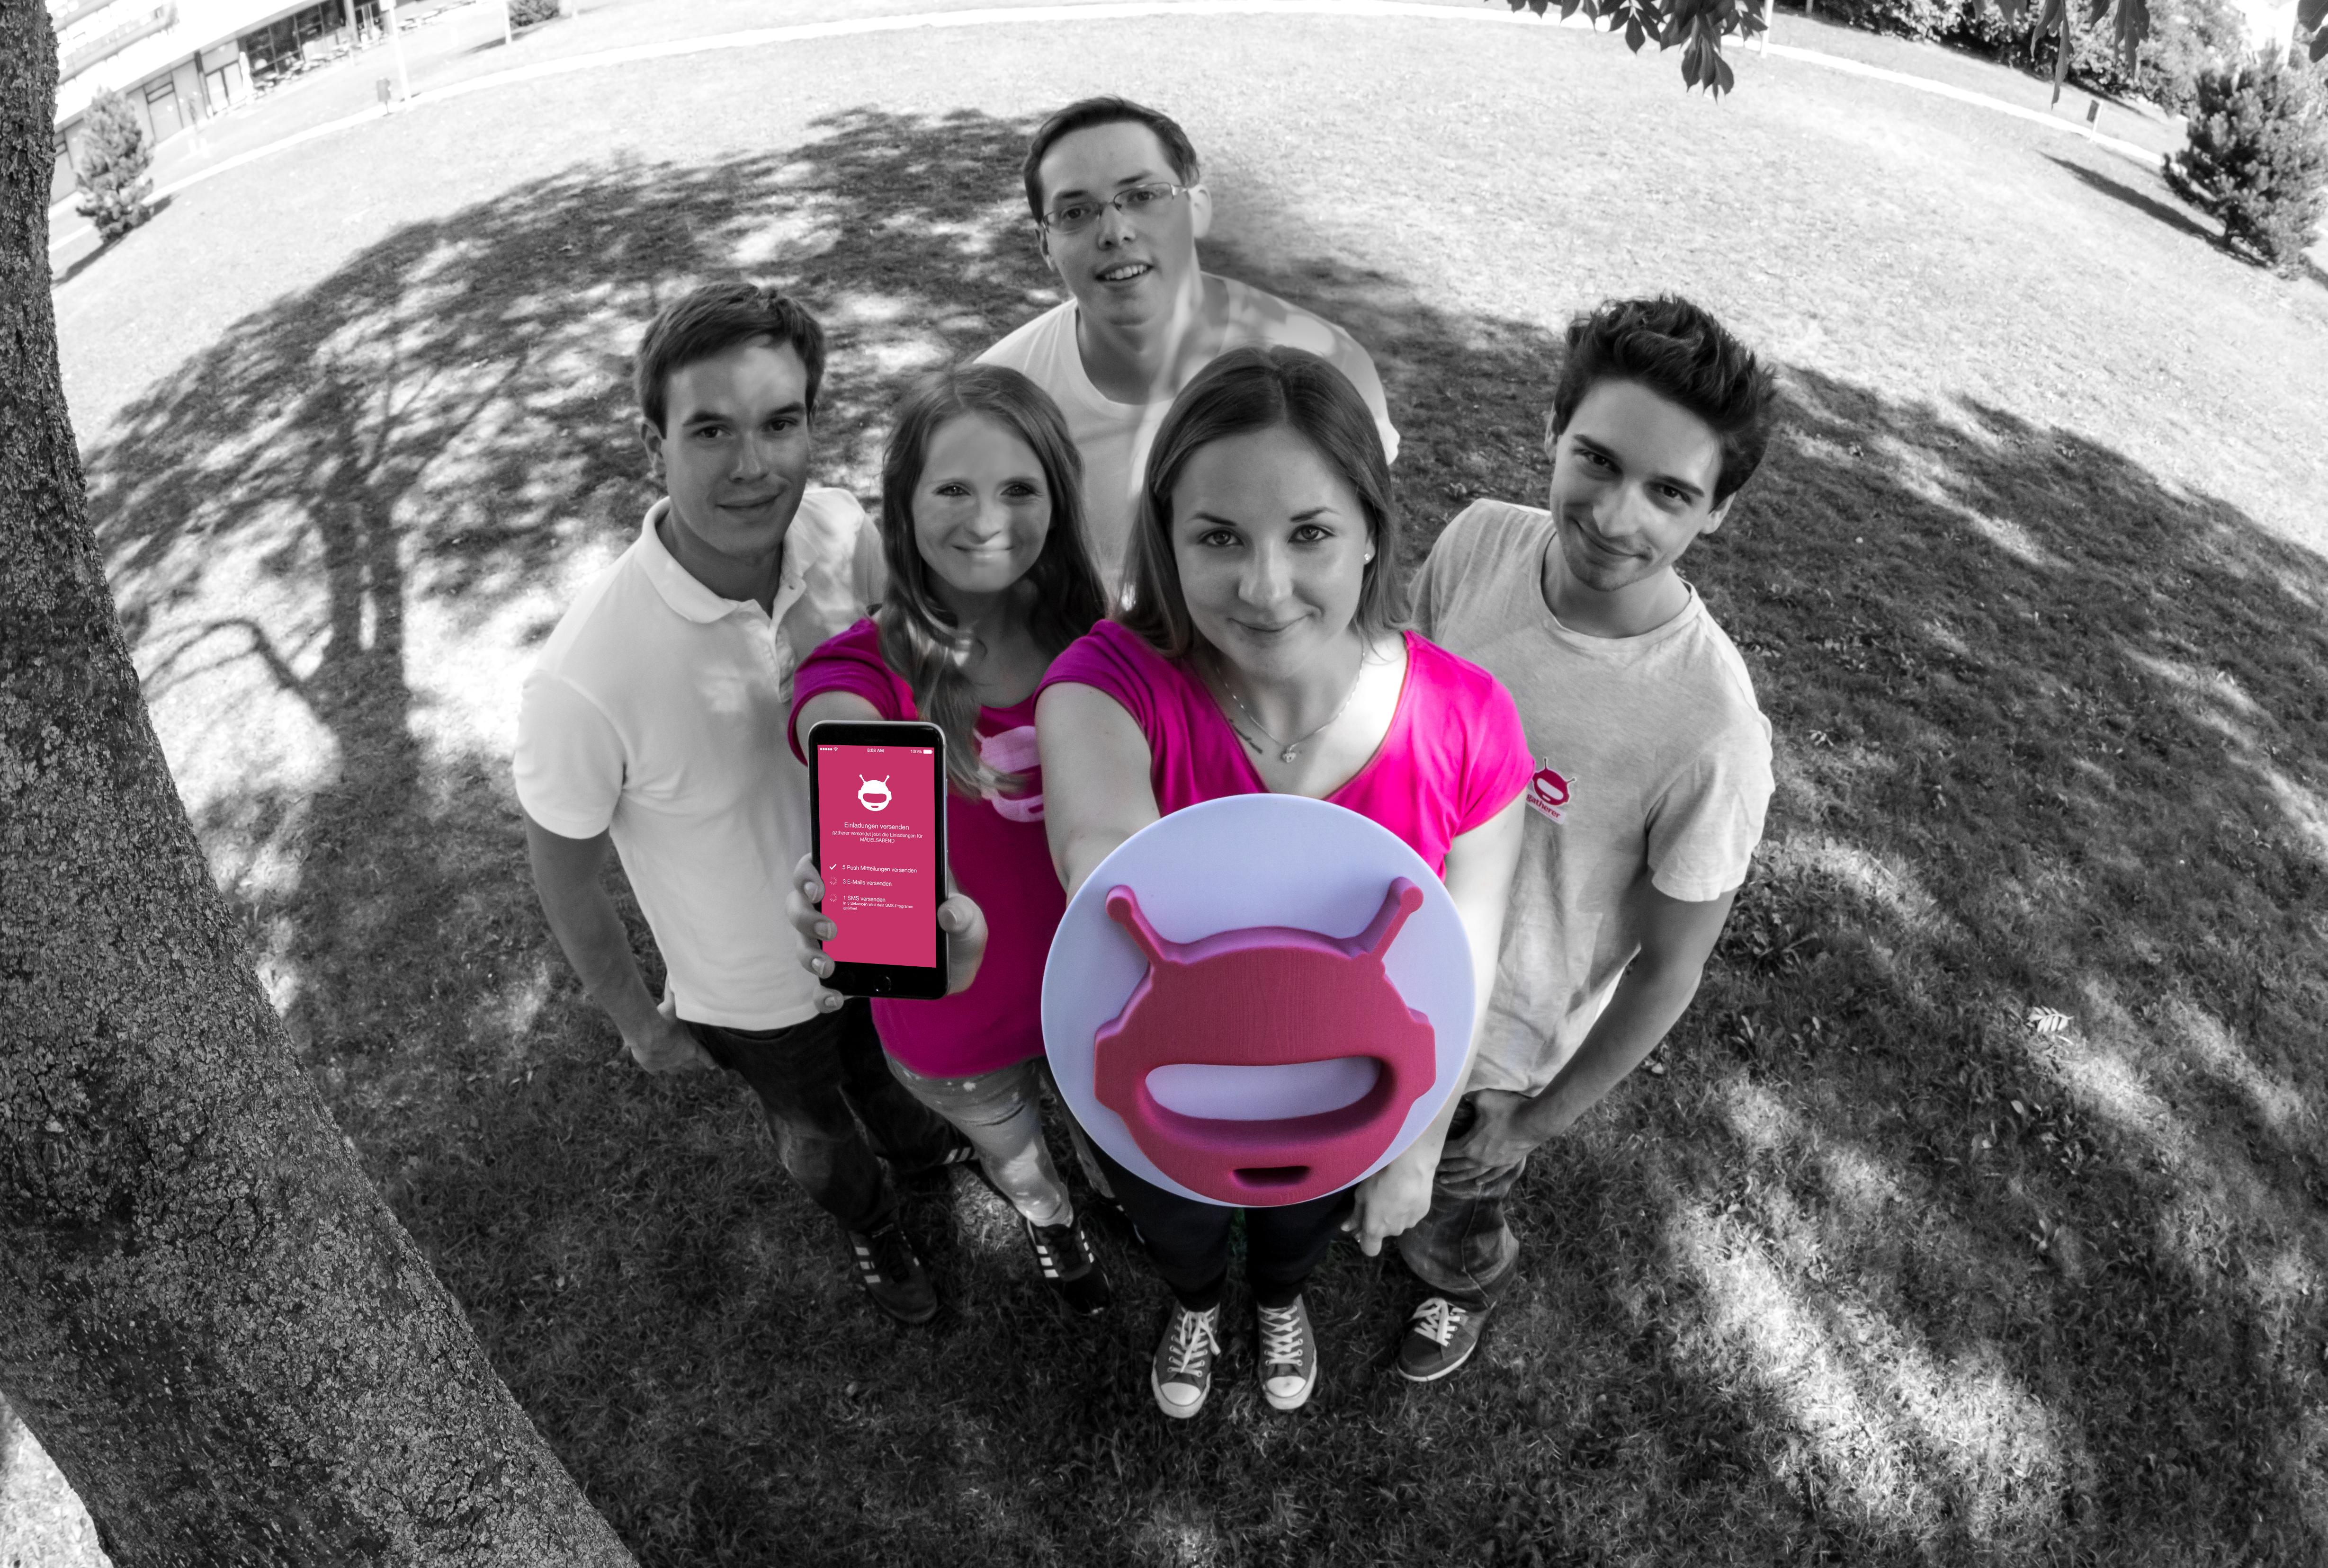 Kommunikation entschlackt: gatherer-App bringt Ordnung aufs Smartphone